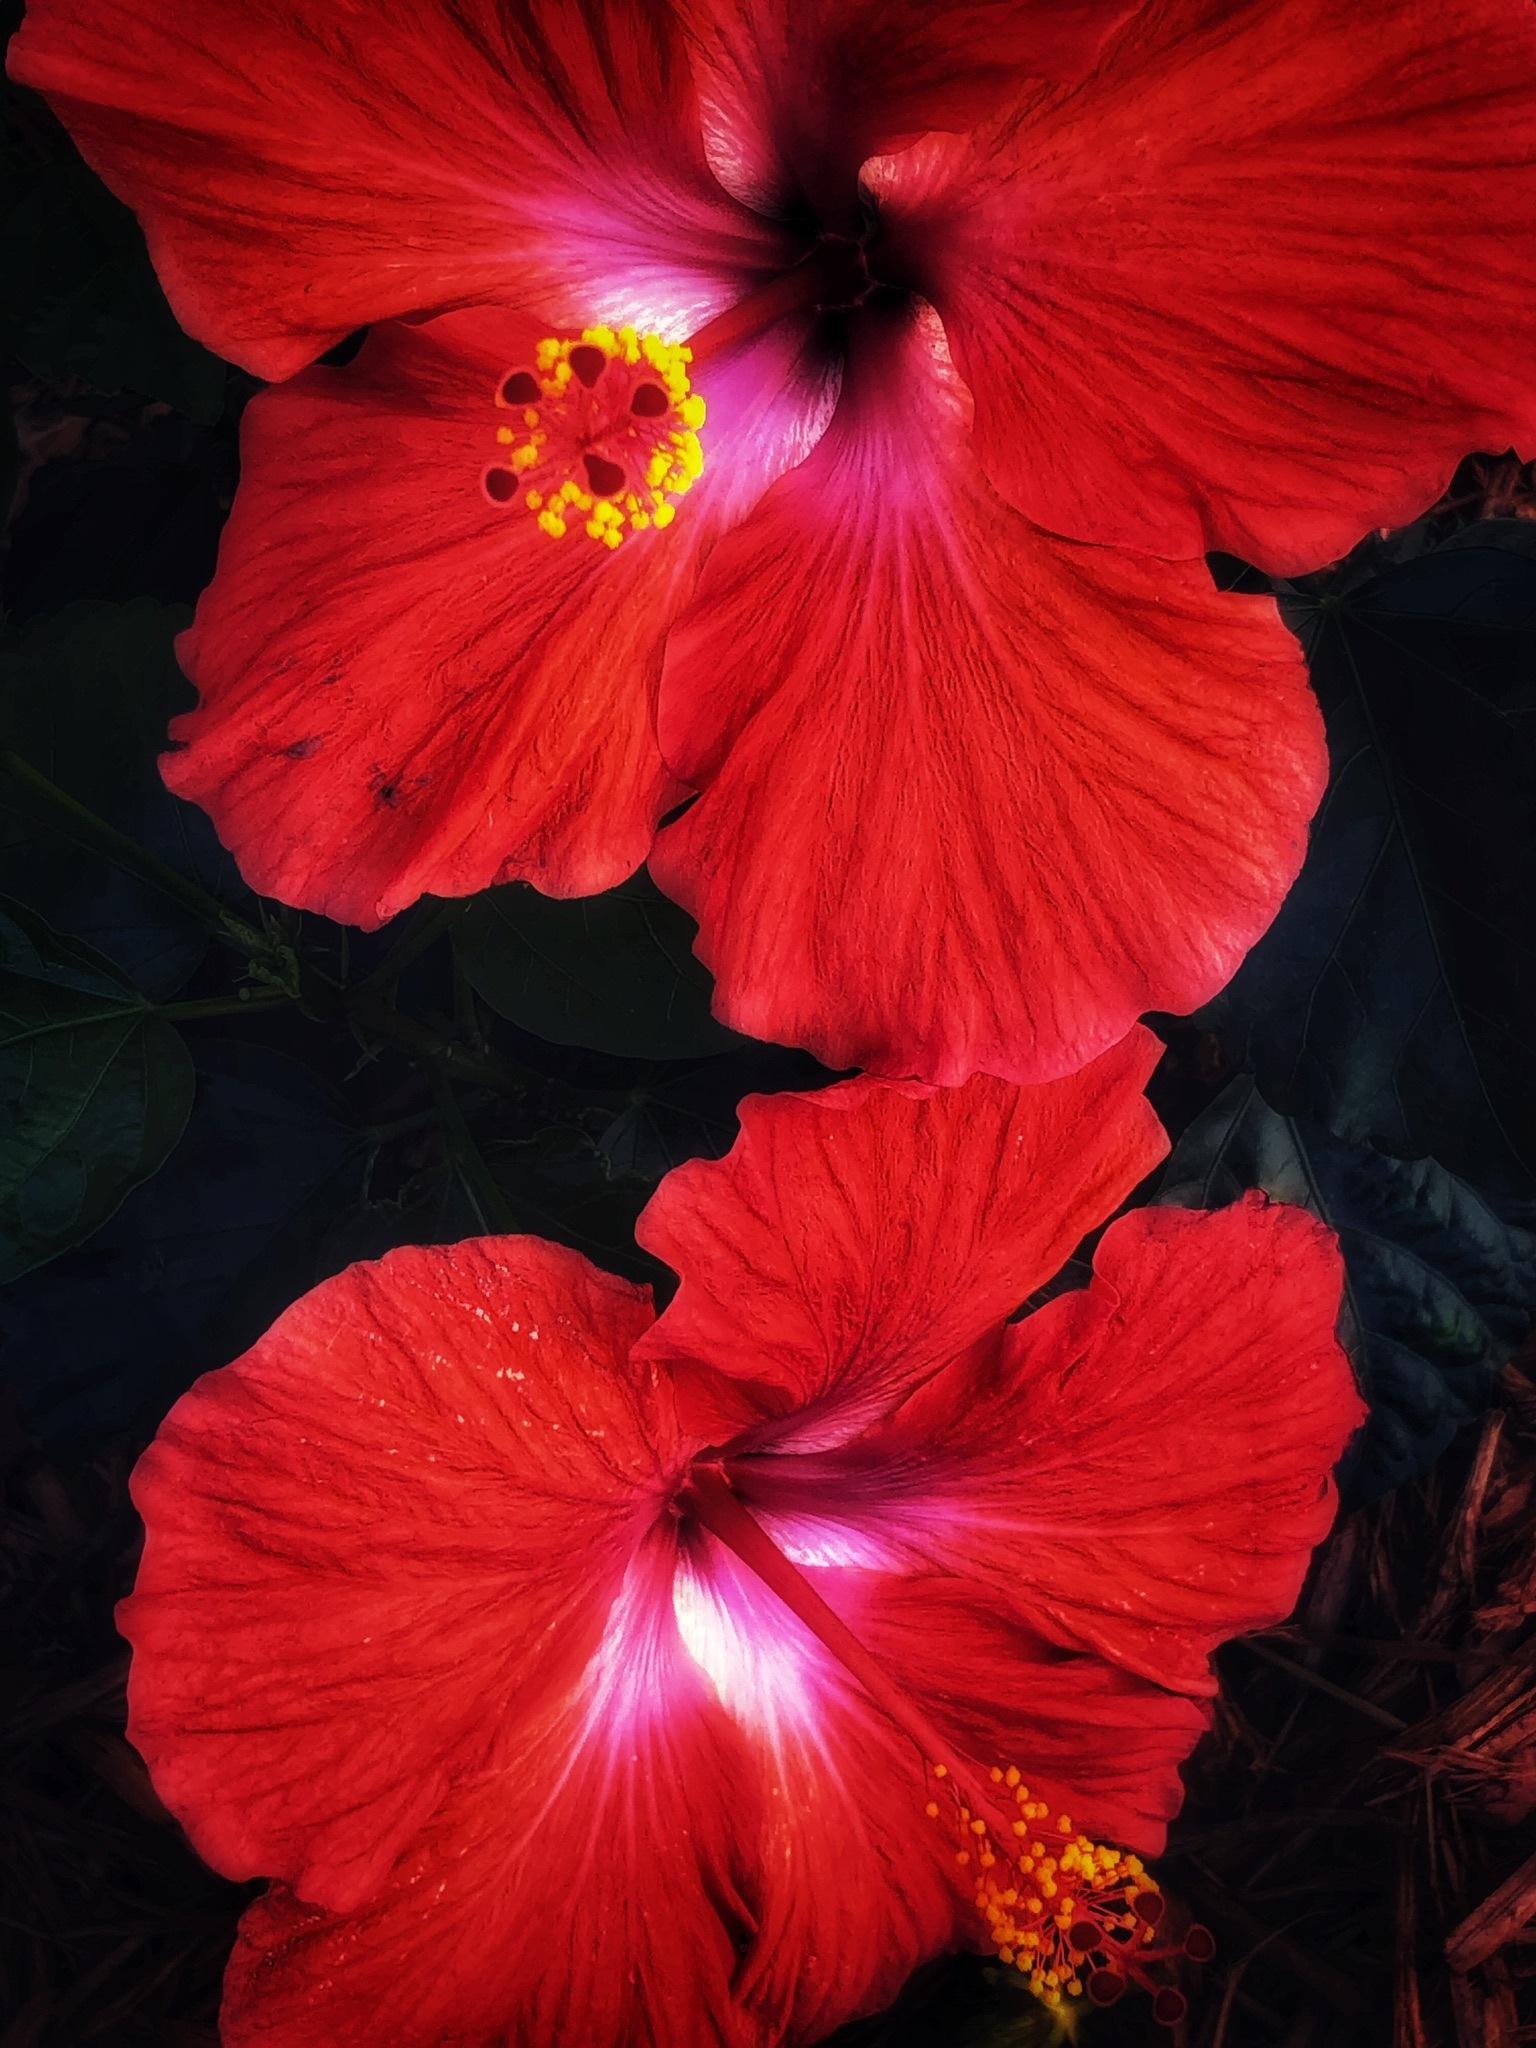 red hibiscus flowers  by Padmanabha Joshi(PJ)